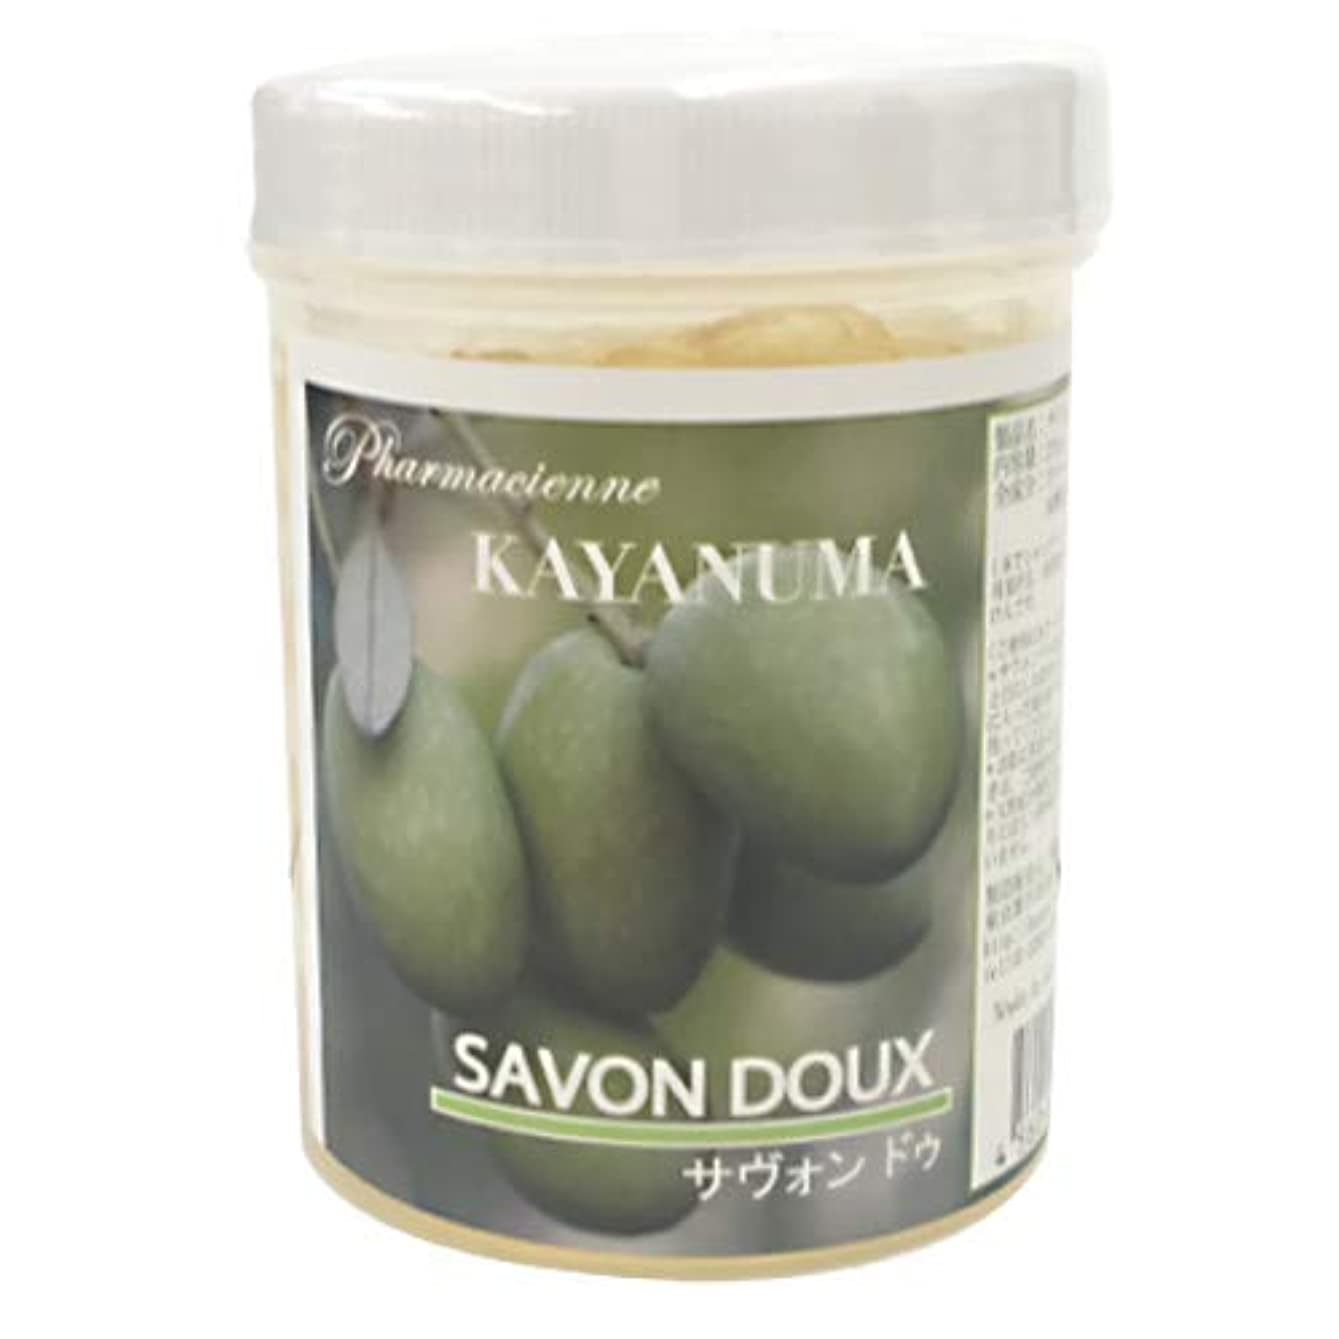 ホラー一般茎カドゥー ジュンコカヤヌマ サヴォンドゥ